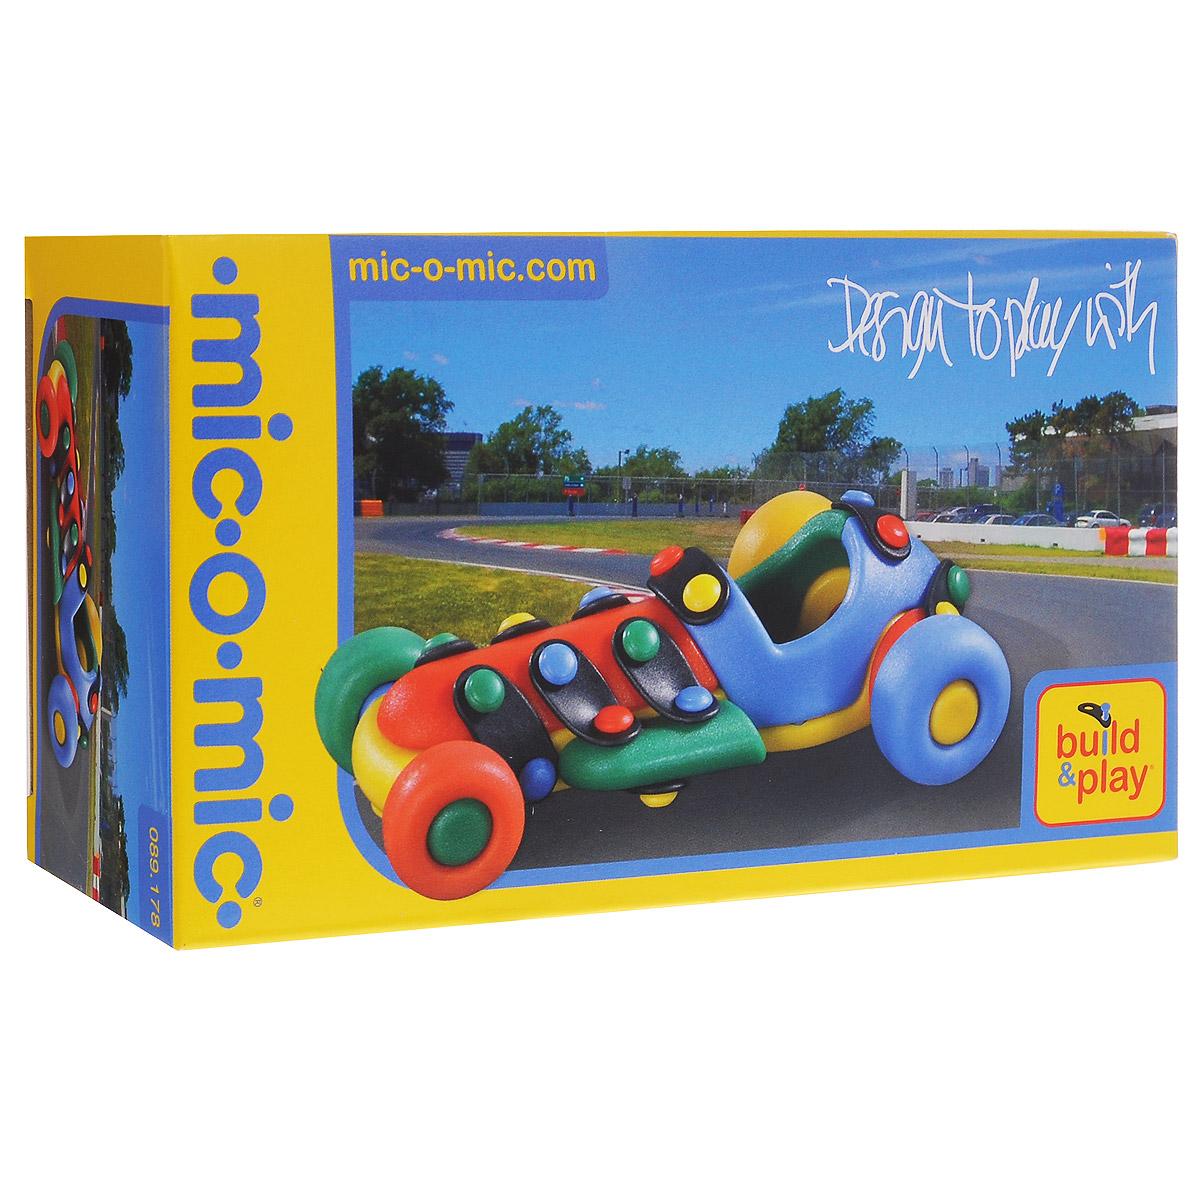 Mic-o-Mic Конструктор Машинка гоночная089.178Яркий пластиковый конструктор Машинка гоночная привлечет внимание вашего ребенка и не позволит ему скучать. С помощью элементов конструктора ребенок сможет собрать разноцветную машинку, детали которой соединяются болтами. В комплект также входят запасные кнопки, пластины и инструмент для монтажа. Развивающие конструкторы Mic-o-Mic объединяют в себе дизайн и особое ощущение при прикосновении с обучающей педагогической идеей. Во время сборки модели особенно развиваются мелкая моторика и сила воображения, логическое и пространственное мышление и творческие способности, а также концентрация внимания и усидчивости. Оригинальные конструкторы Mic-o-Mic разработаны в Германии и являются особыми игрушками для детей, направленными на развитие различных способностей и навыков. Набор состоит из отдельных деталей с приятной на ощупь текстурой и уникальной системы крепления из соединительных планок и кнопок для сборки модели. Будь то крылья, колеса или паруса, модели отличаются...